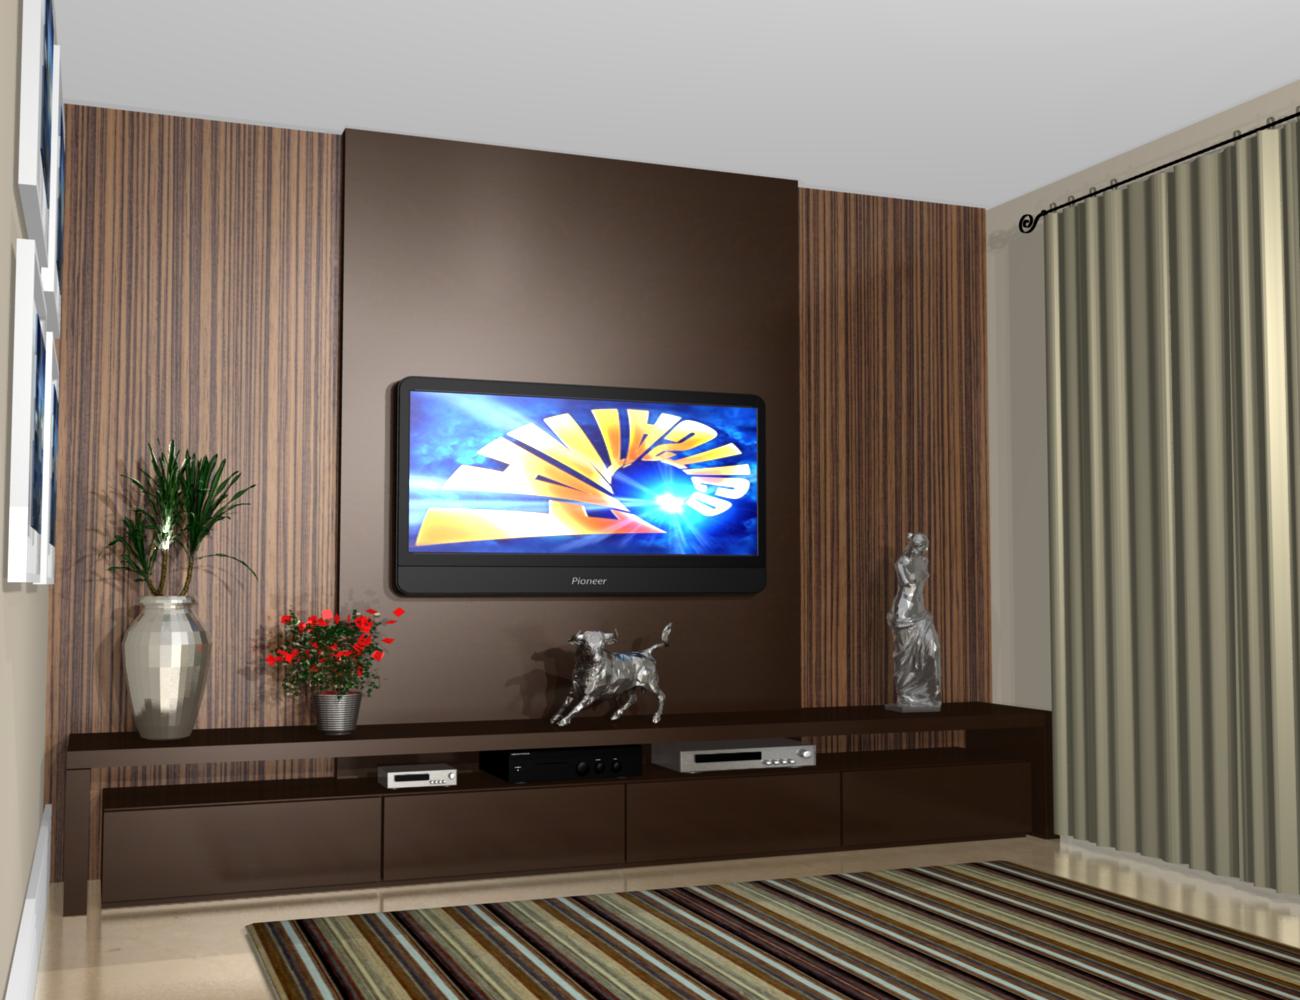 #0F84BC 8616: DESIGN INTERIORES DESIGN MOVEIS PLANEJADOS DESIGN SALA DESIGN  1300x1000 px Sala De Cozinha De Design De Interiores_423 Imagens